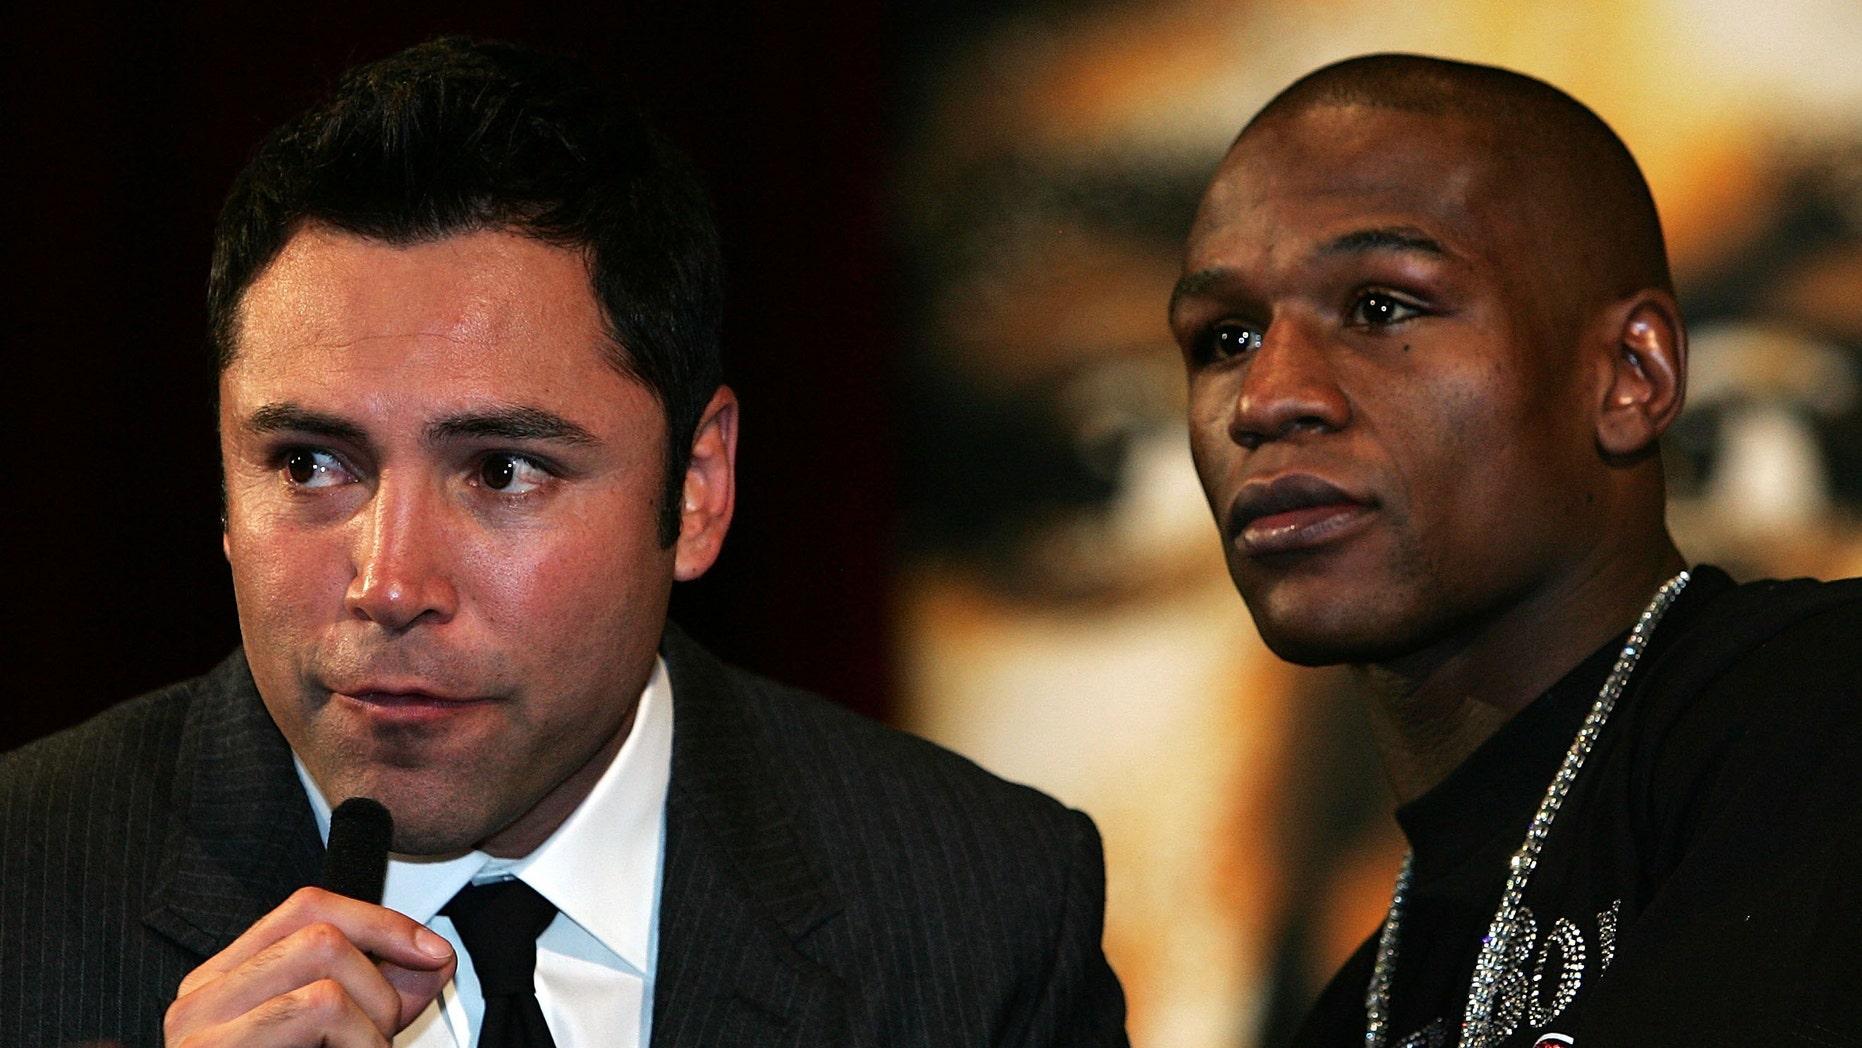 Promoter Oscar De La Hoya speaks alongside Floyd Mayweather Jr. (Photo by John Gichigi/Getty Images)